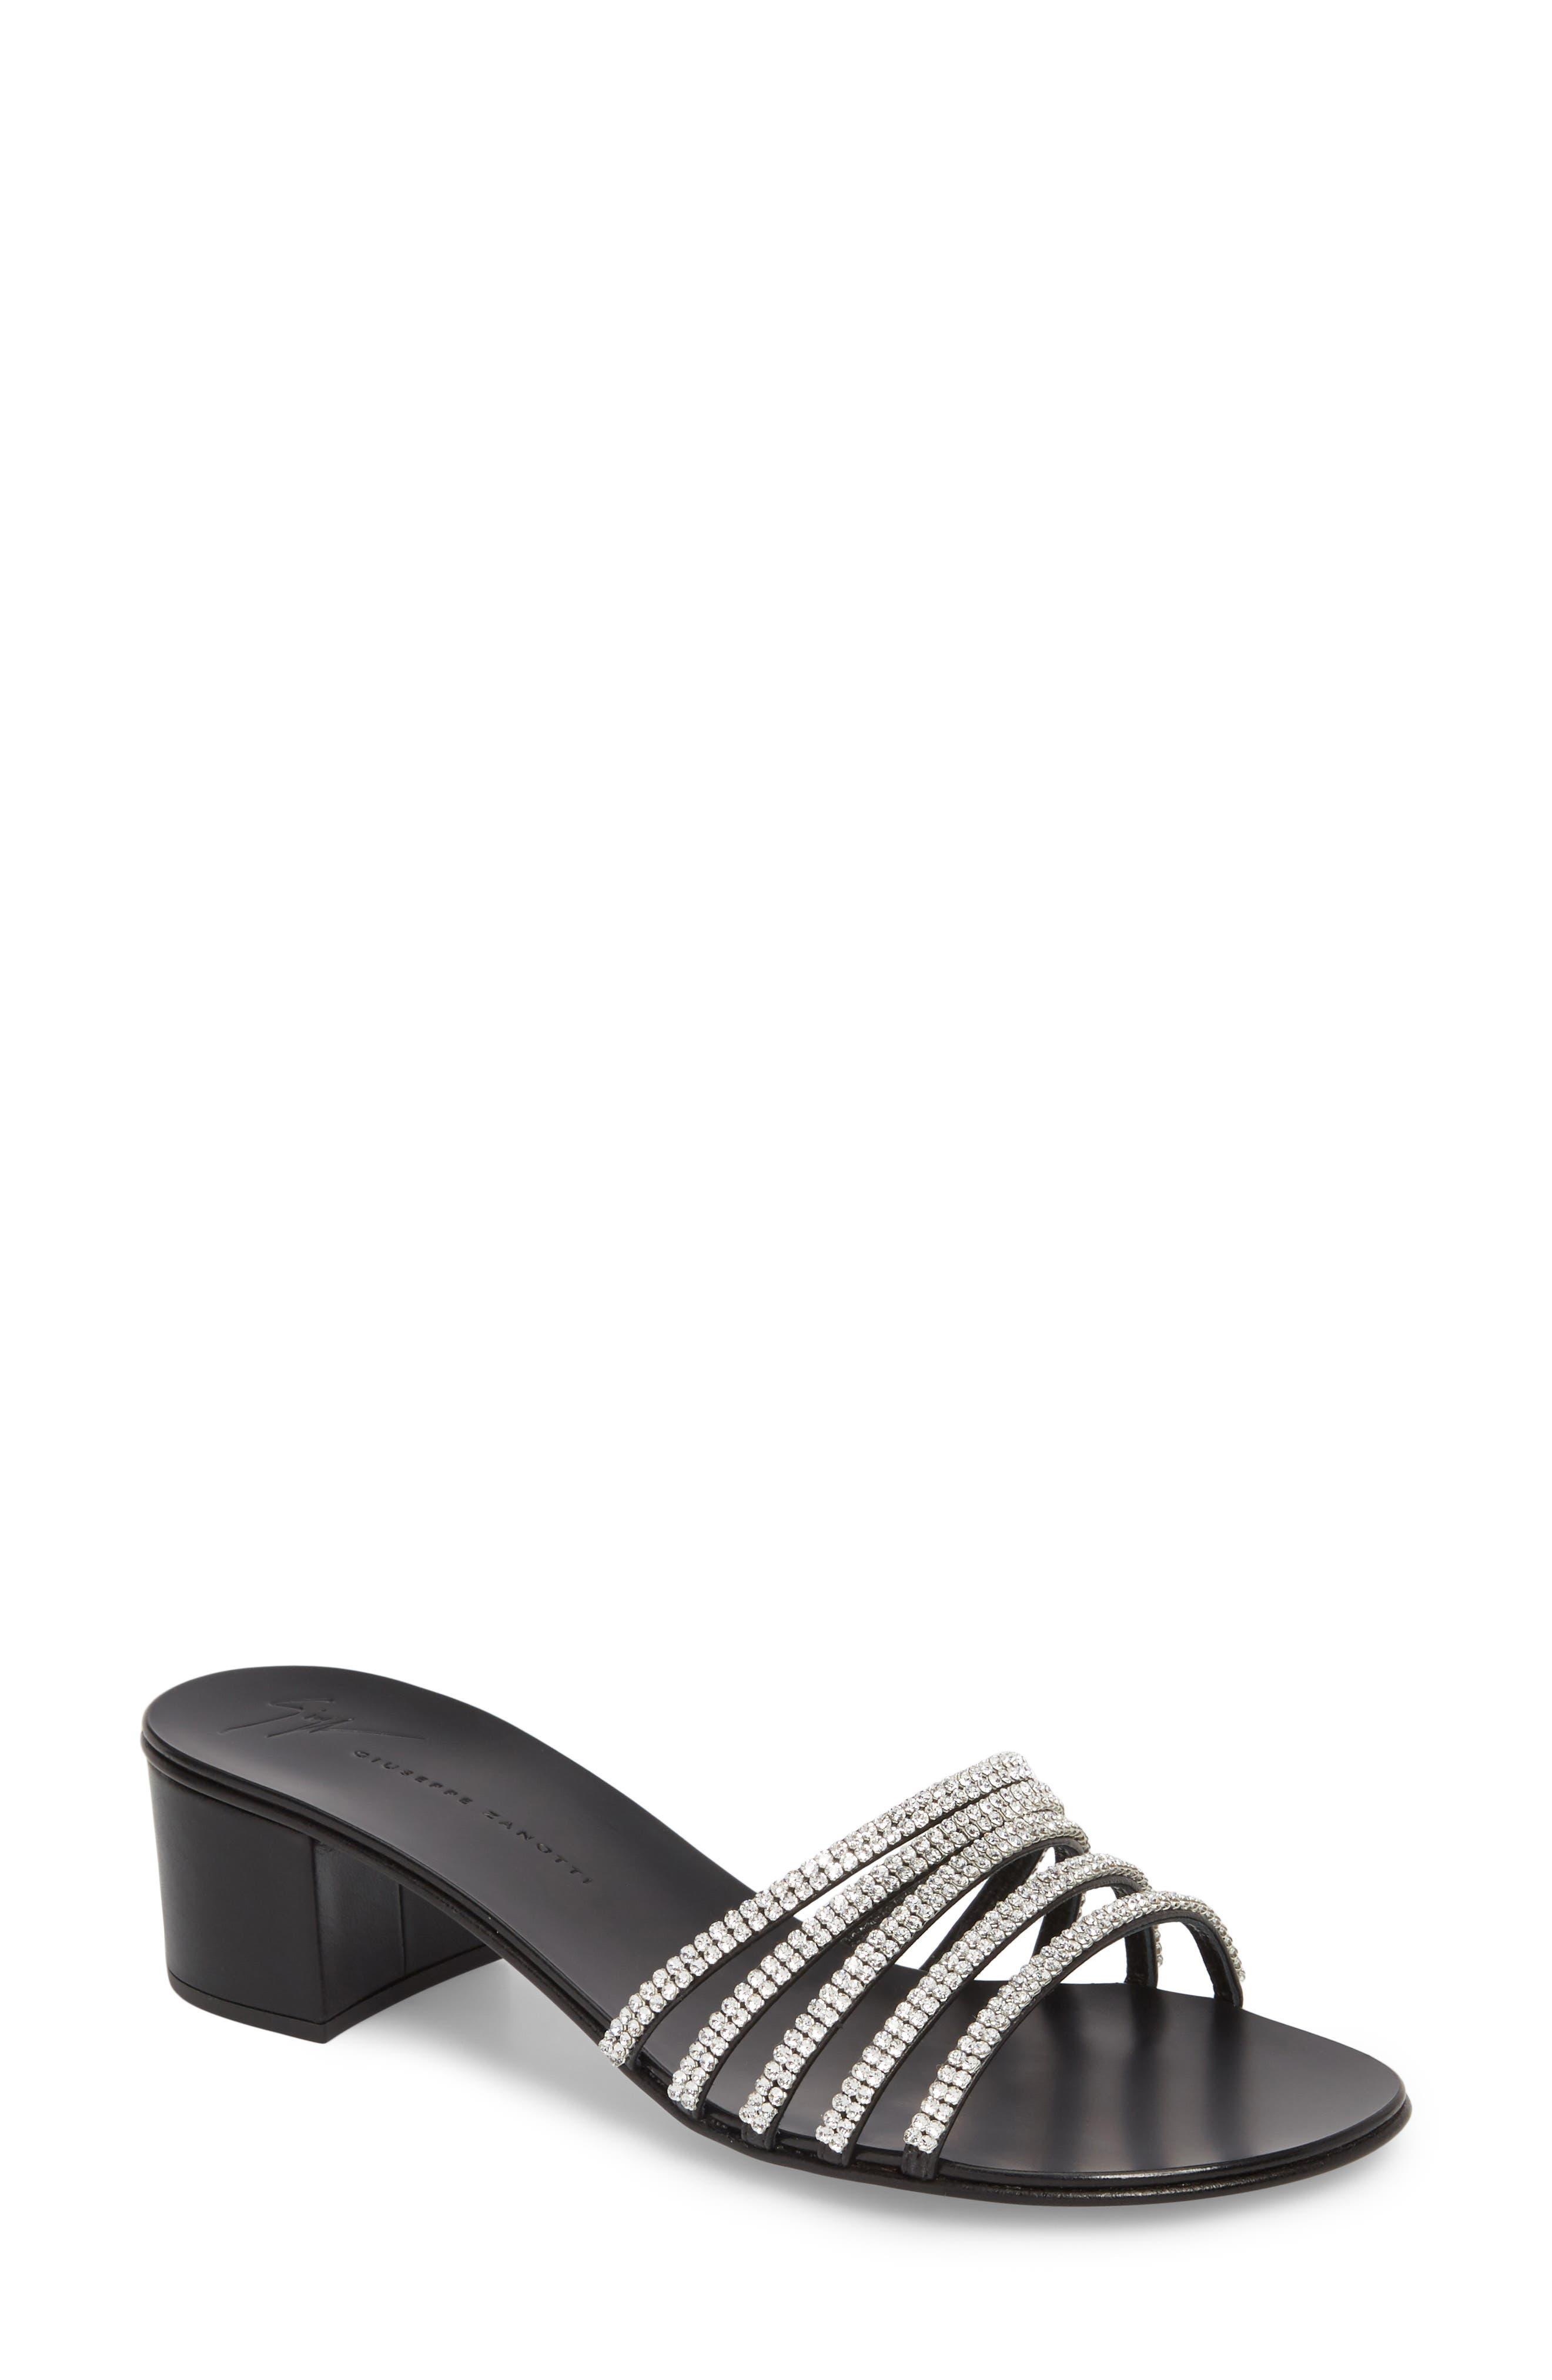 Swarovski Crystal Slide Sandal,                         Main,                         color, BLACK